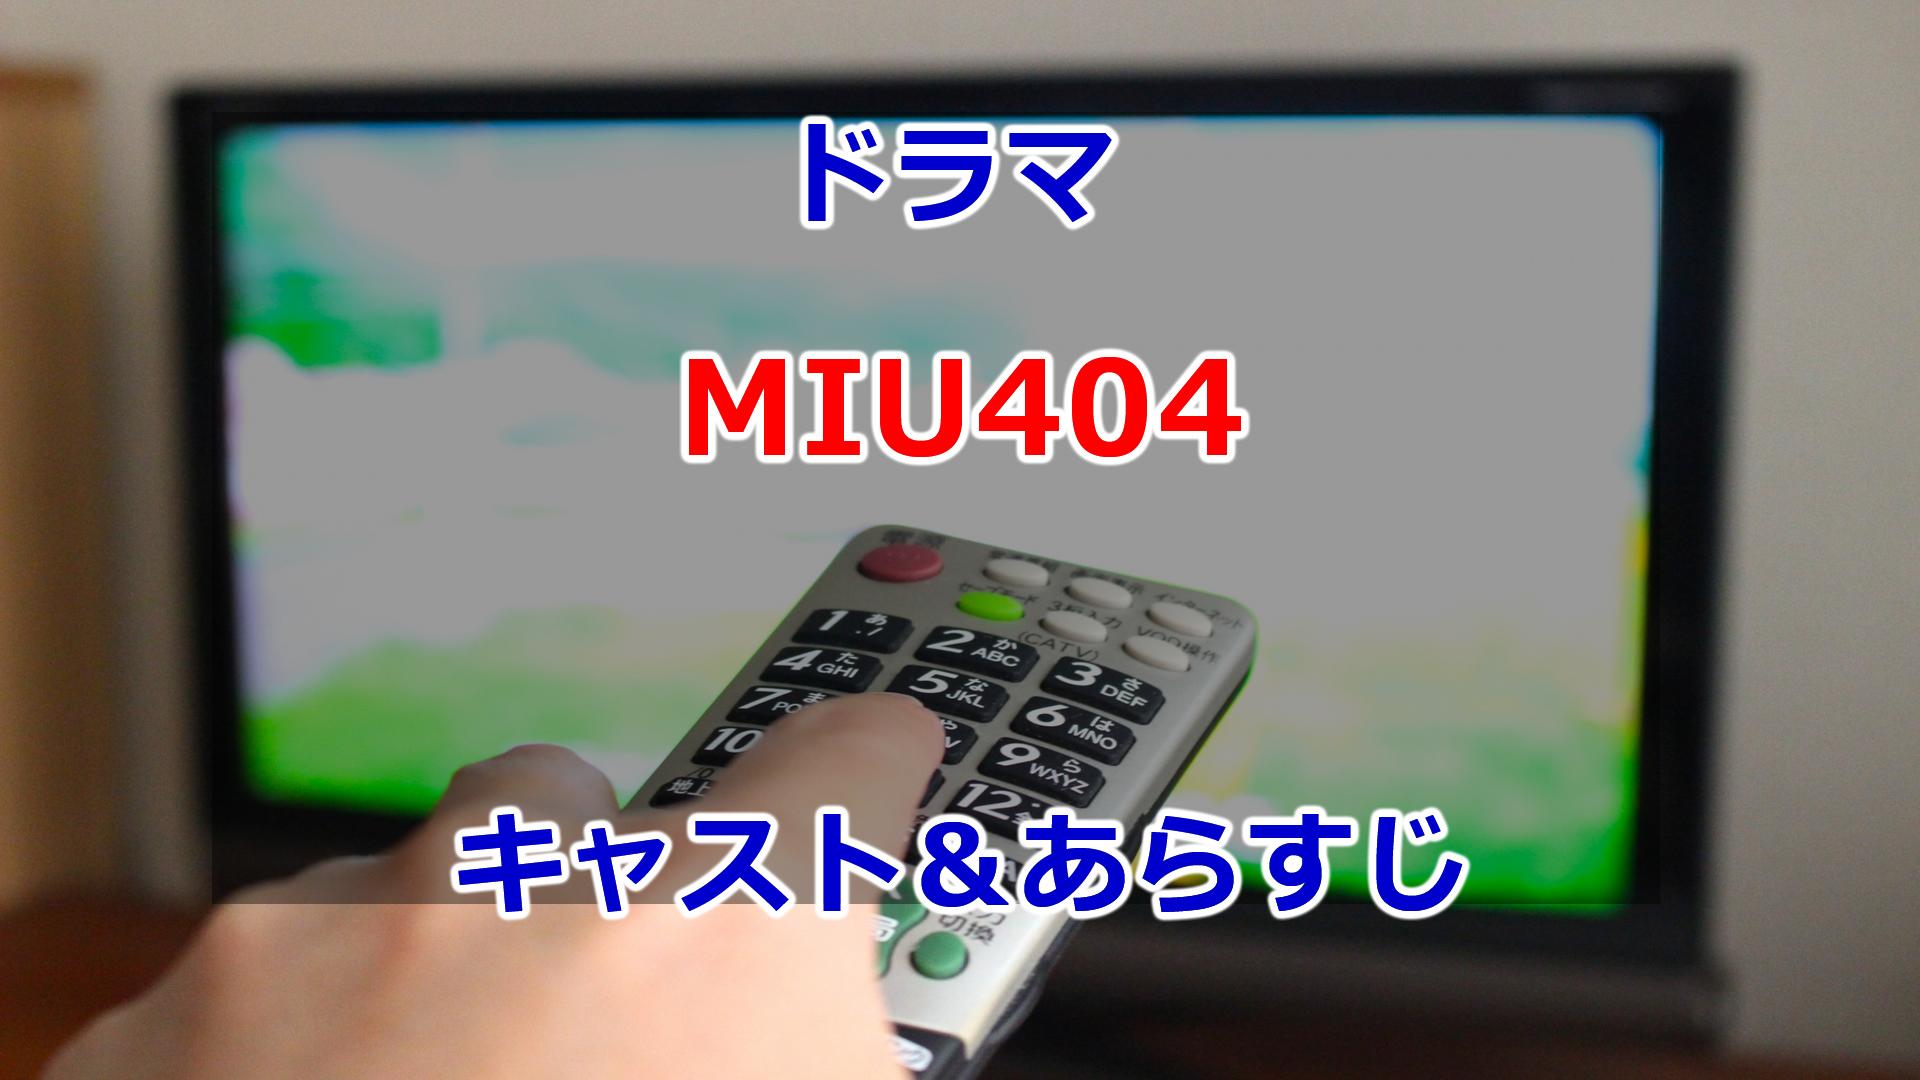 2020春ドラマMIU404キャスト&あらすじ